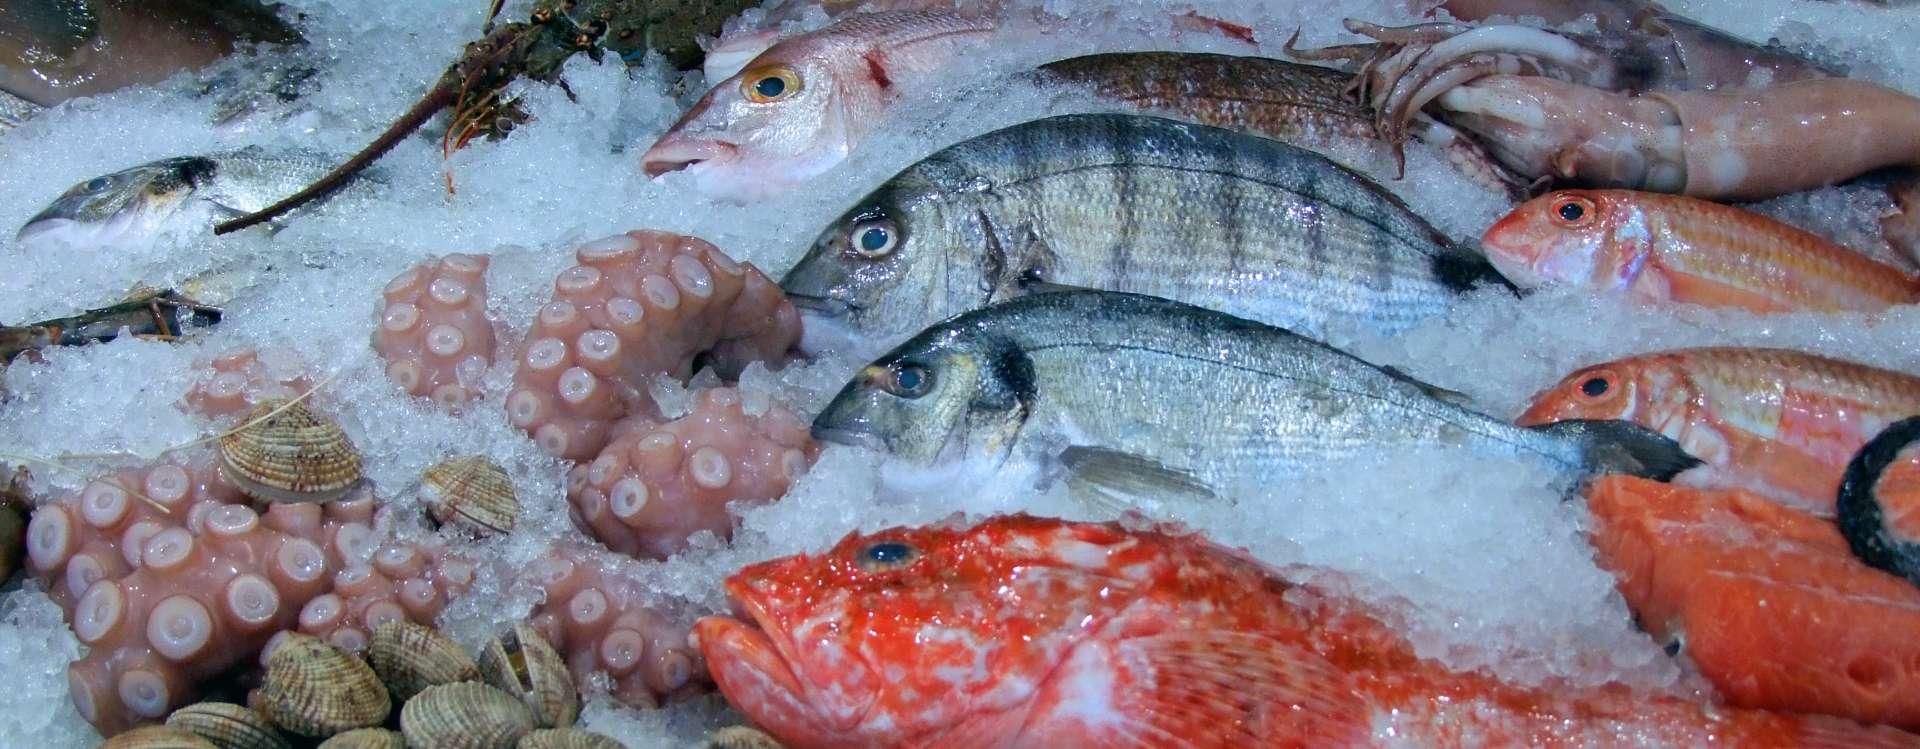 Riba kao izvor joda